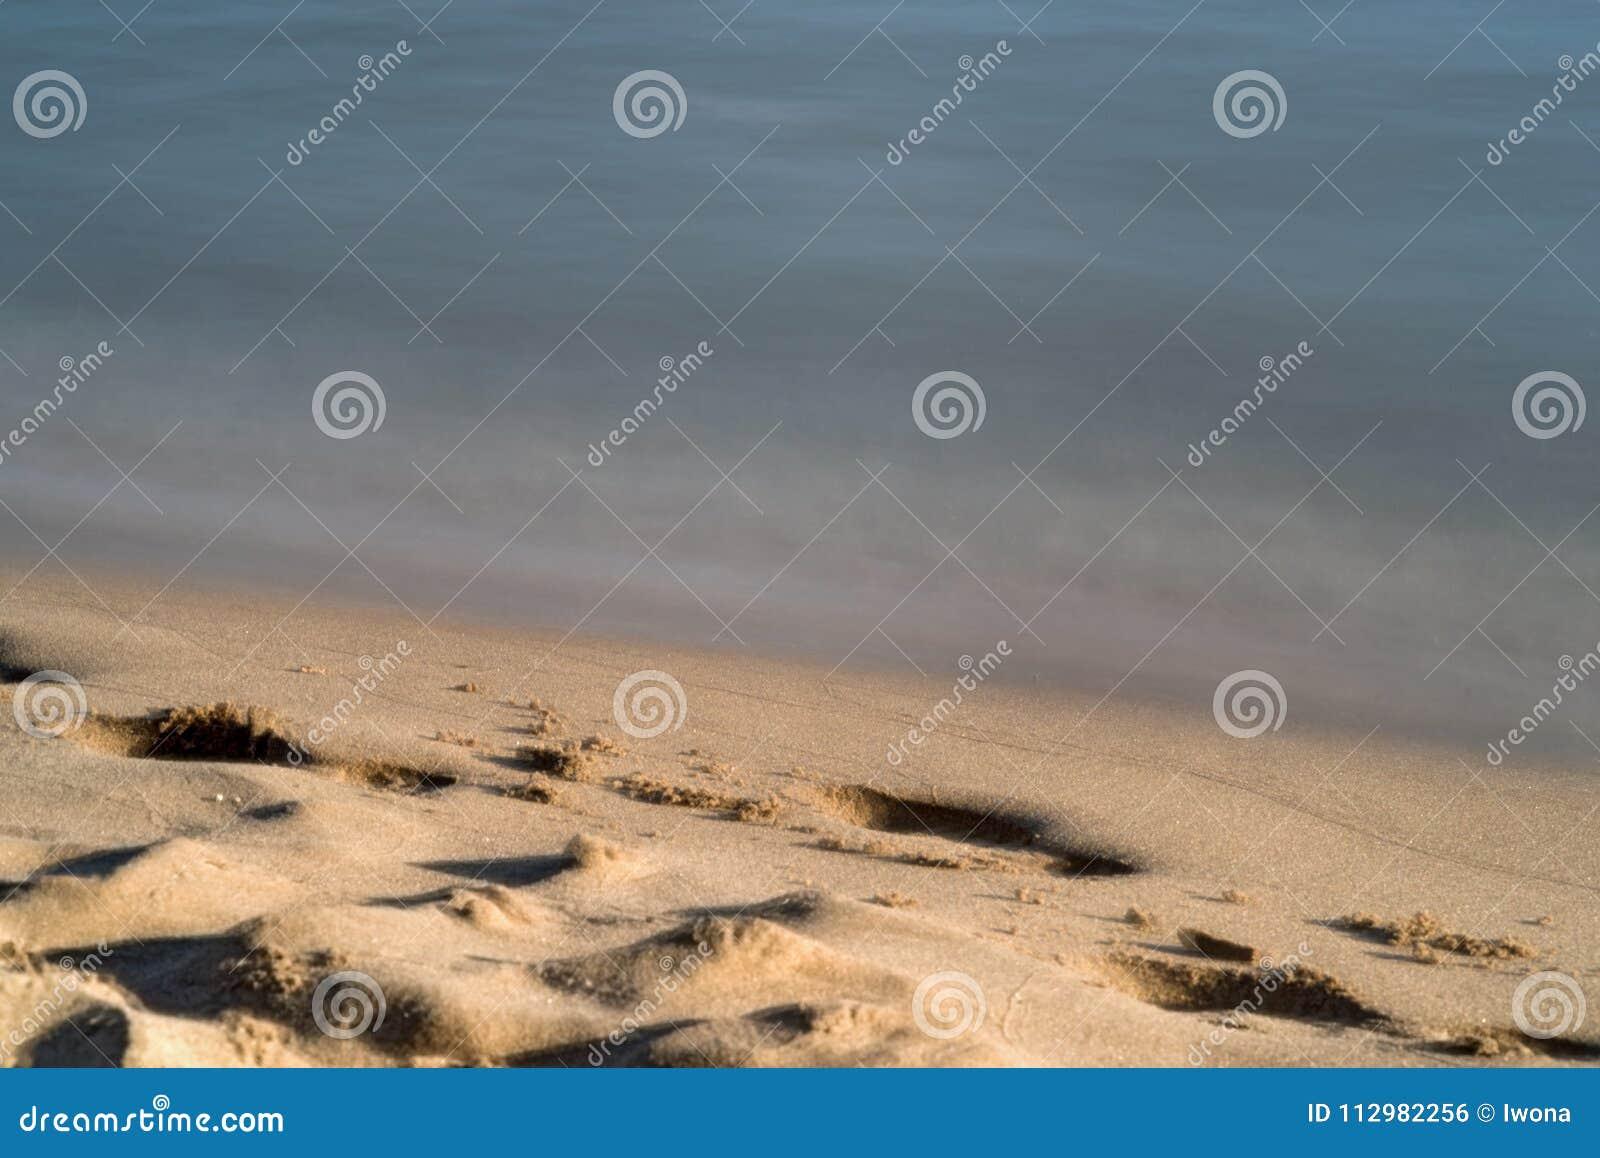 Calm waves on the sand coast